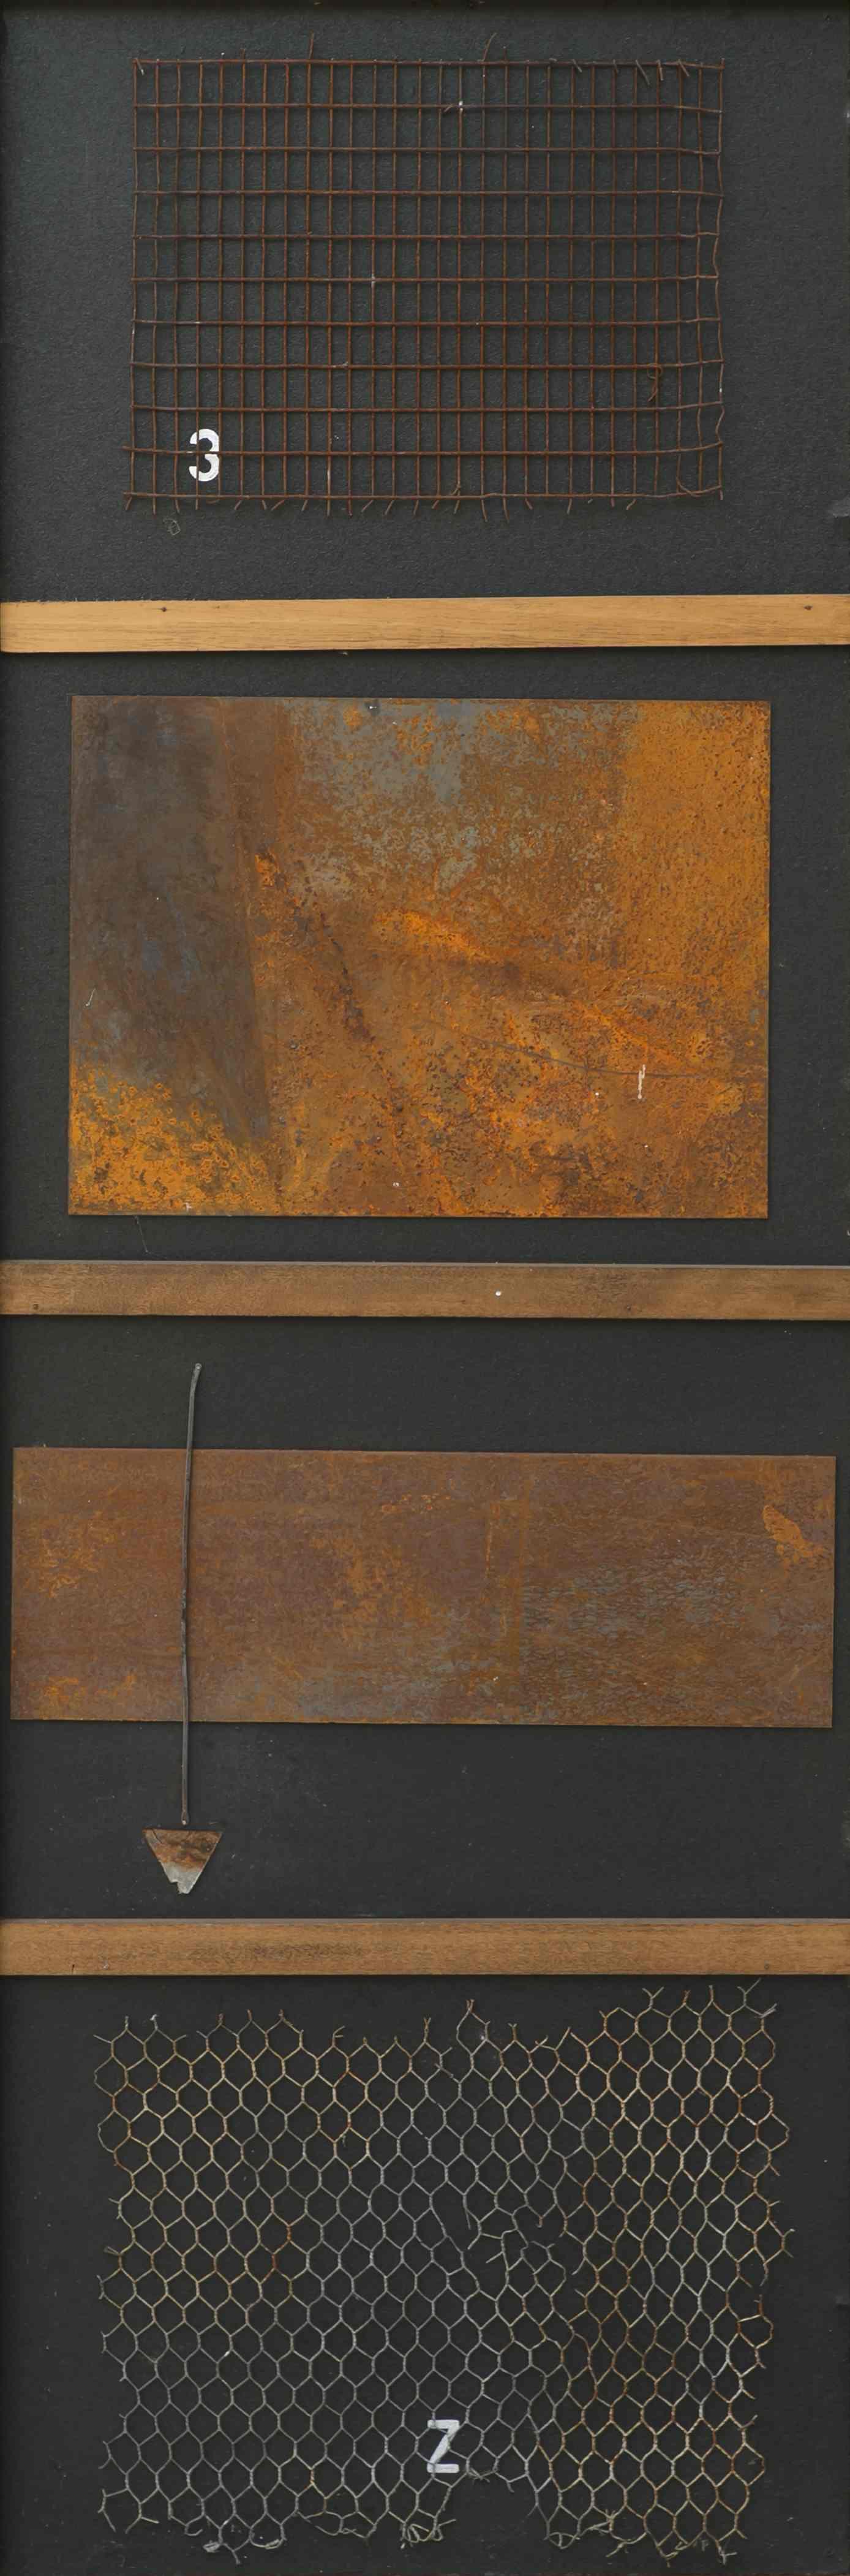 Catturando emozioni, ferro corroso su tavola, 152x52, 2010